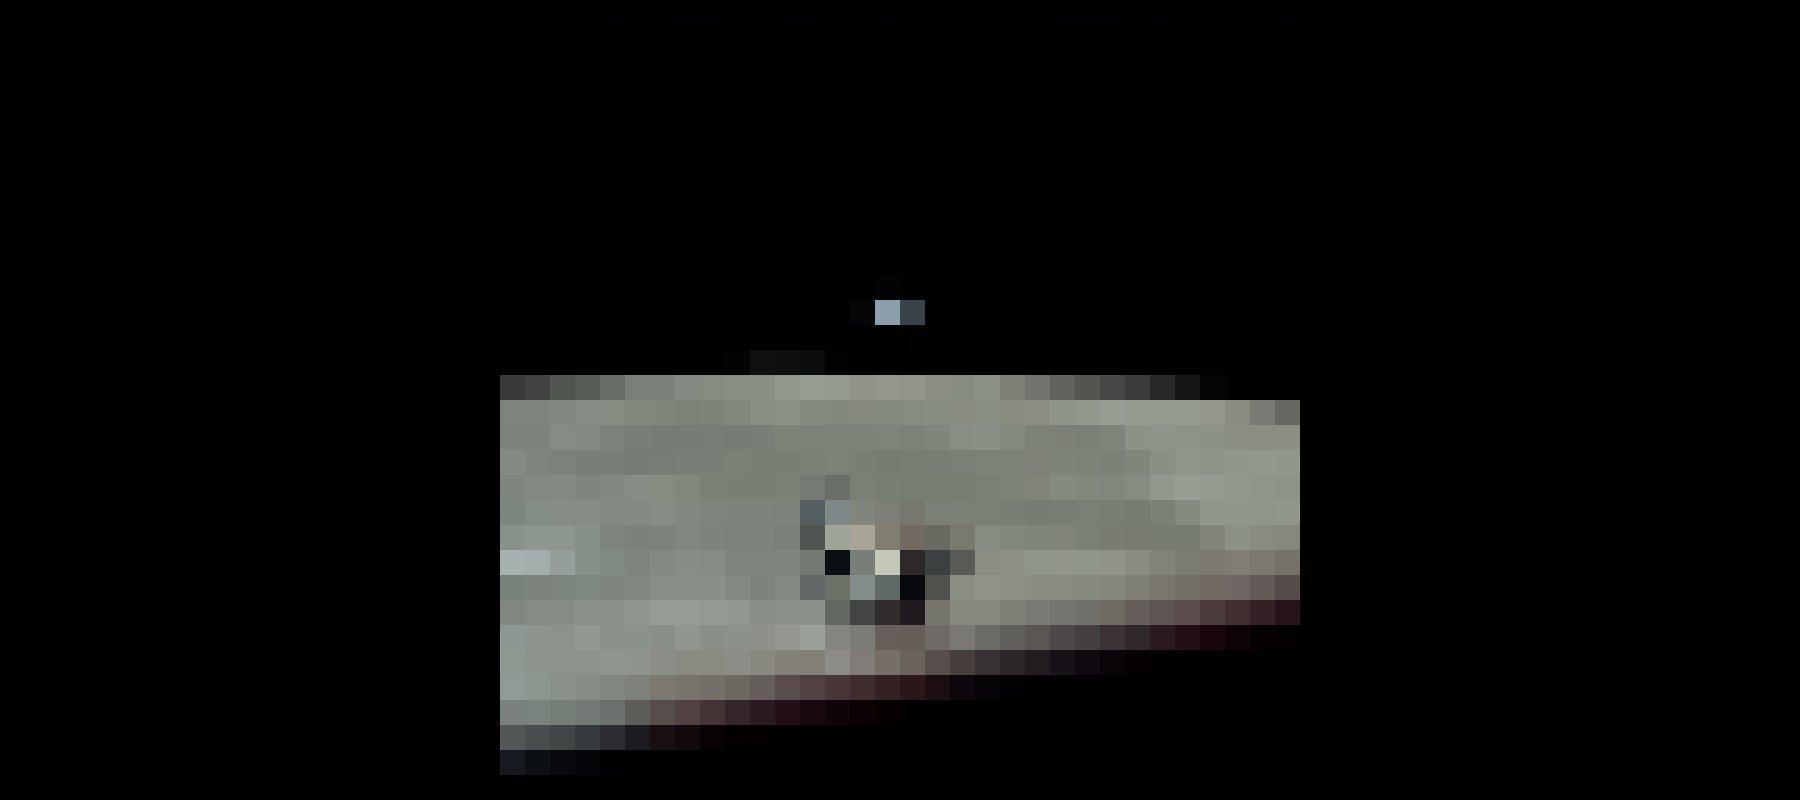 """Ein legendäres Foto der Mission Apollo 11: die Erde winzig klein hinter dem Mondhorizont – und im Vordergrund die Landefähre """"Eagle""""."""